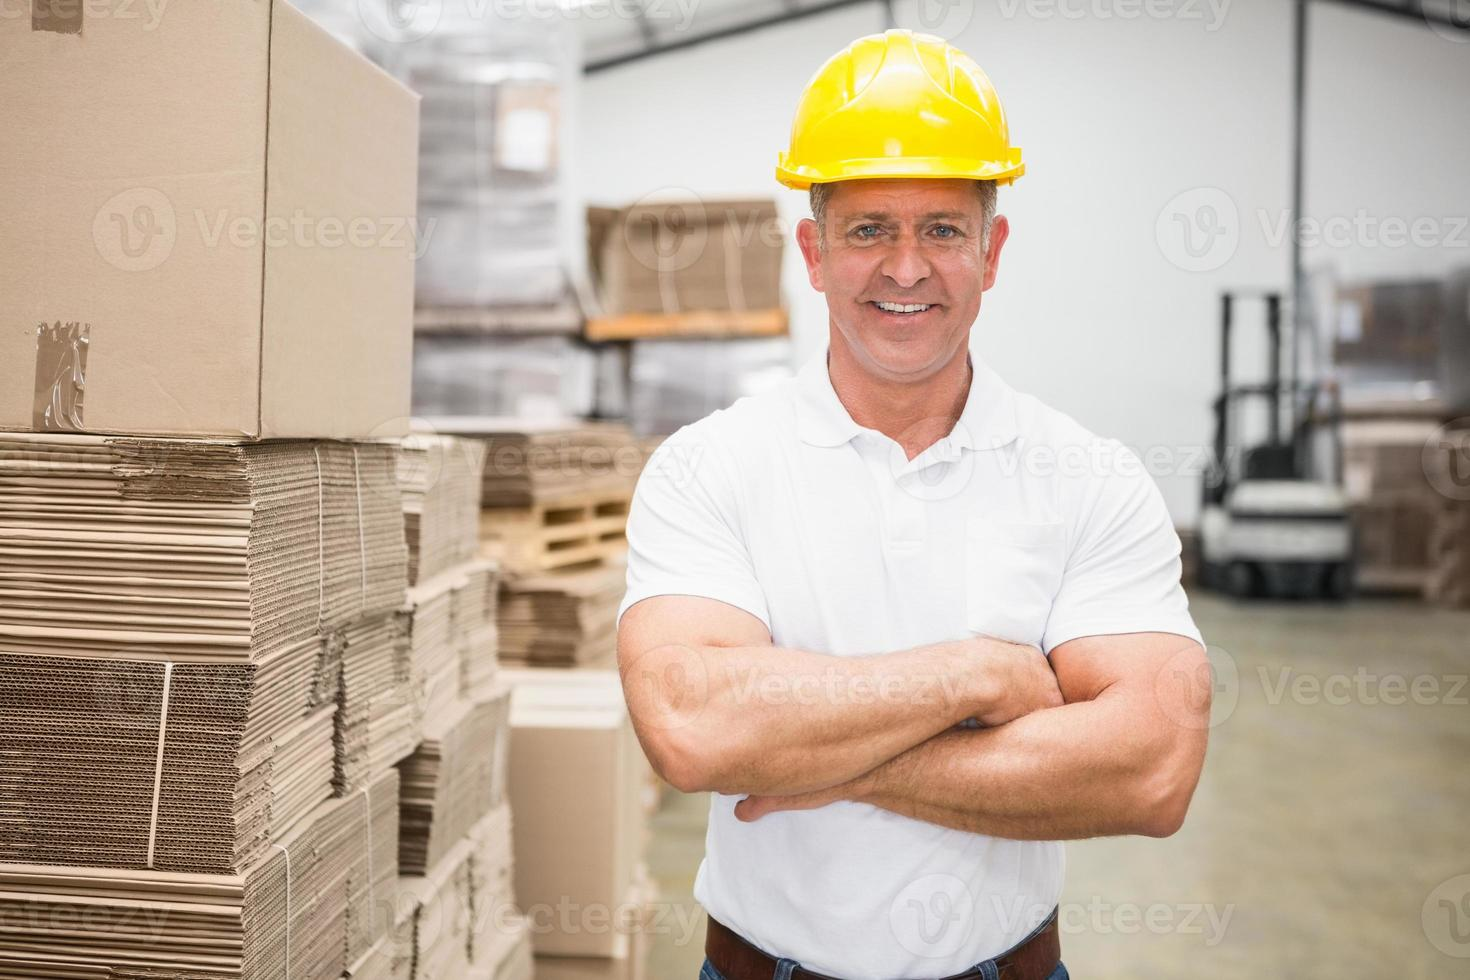 trabajador con casco en almacén foto